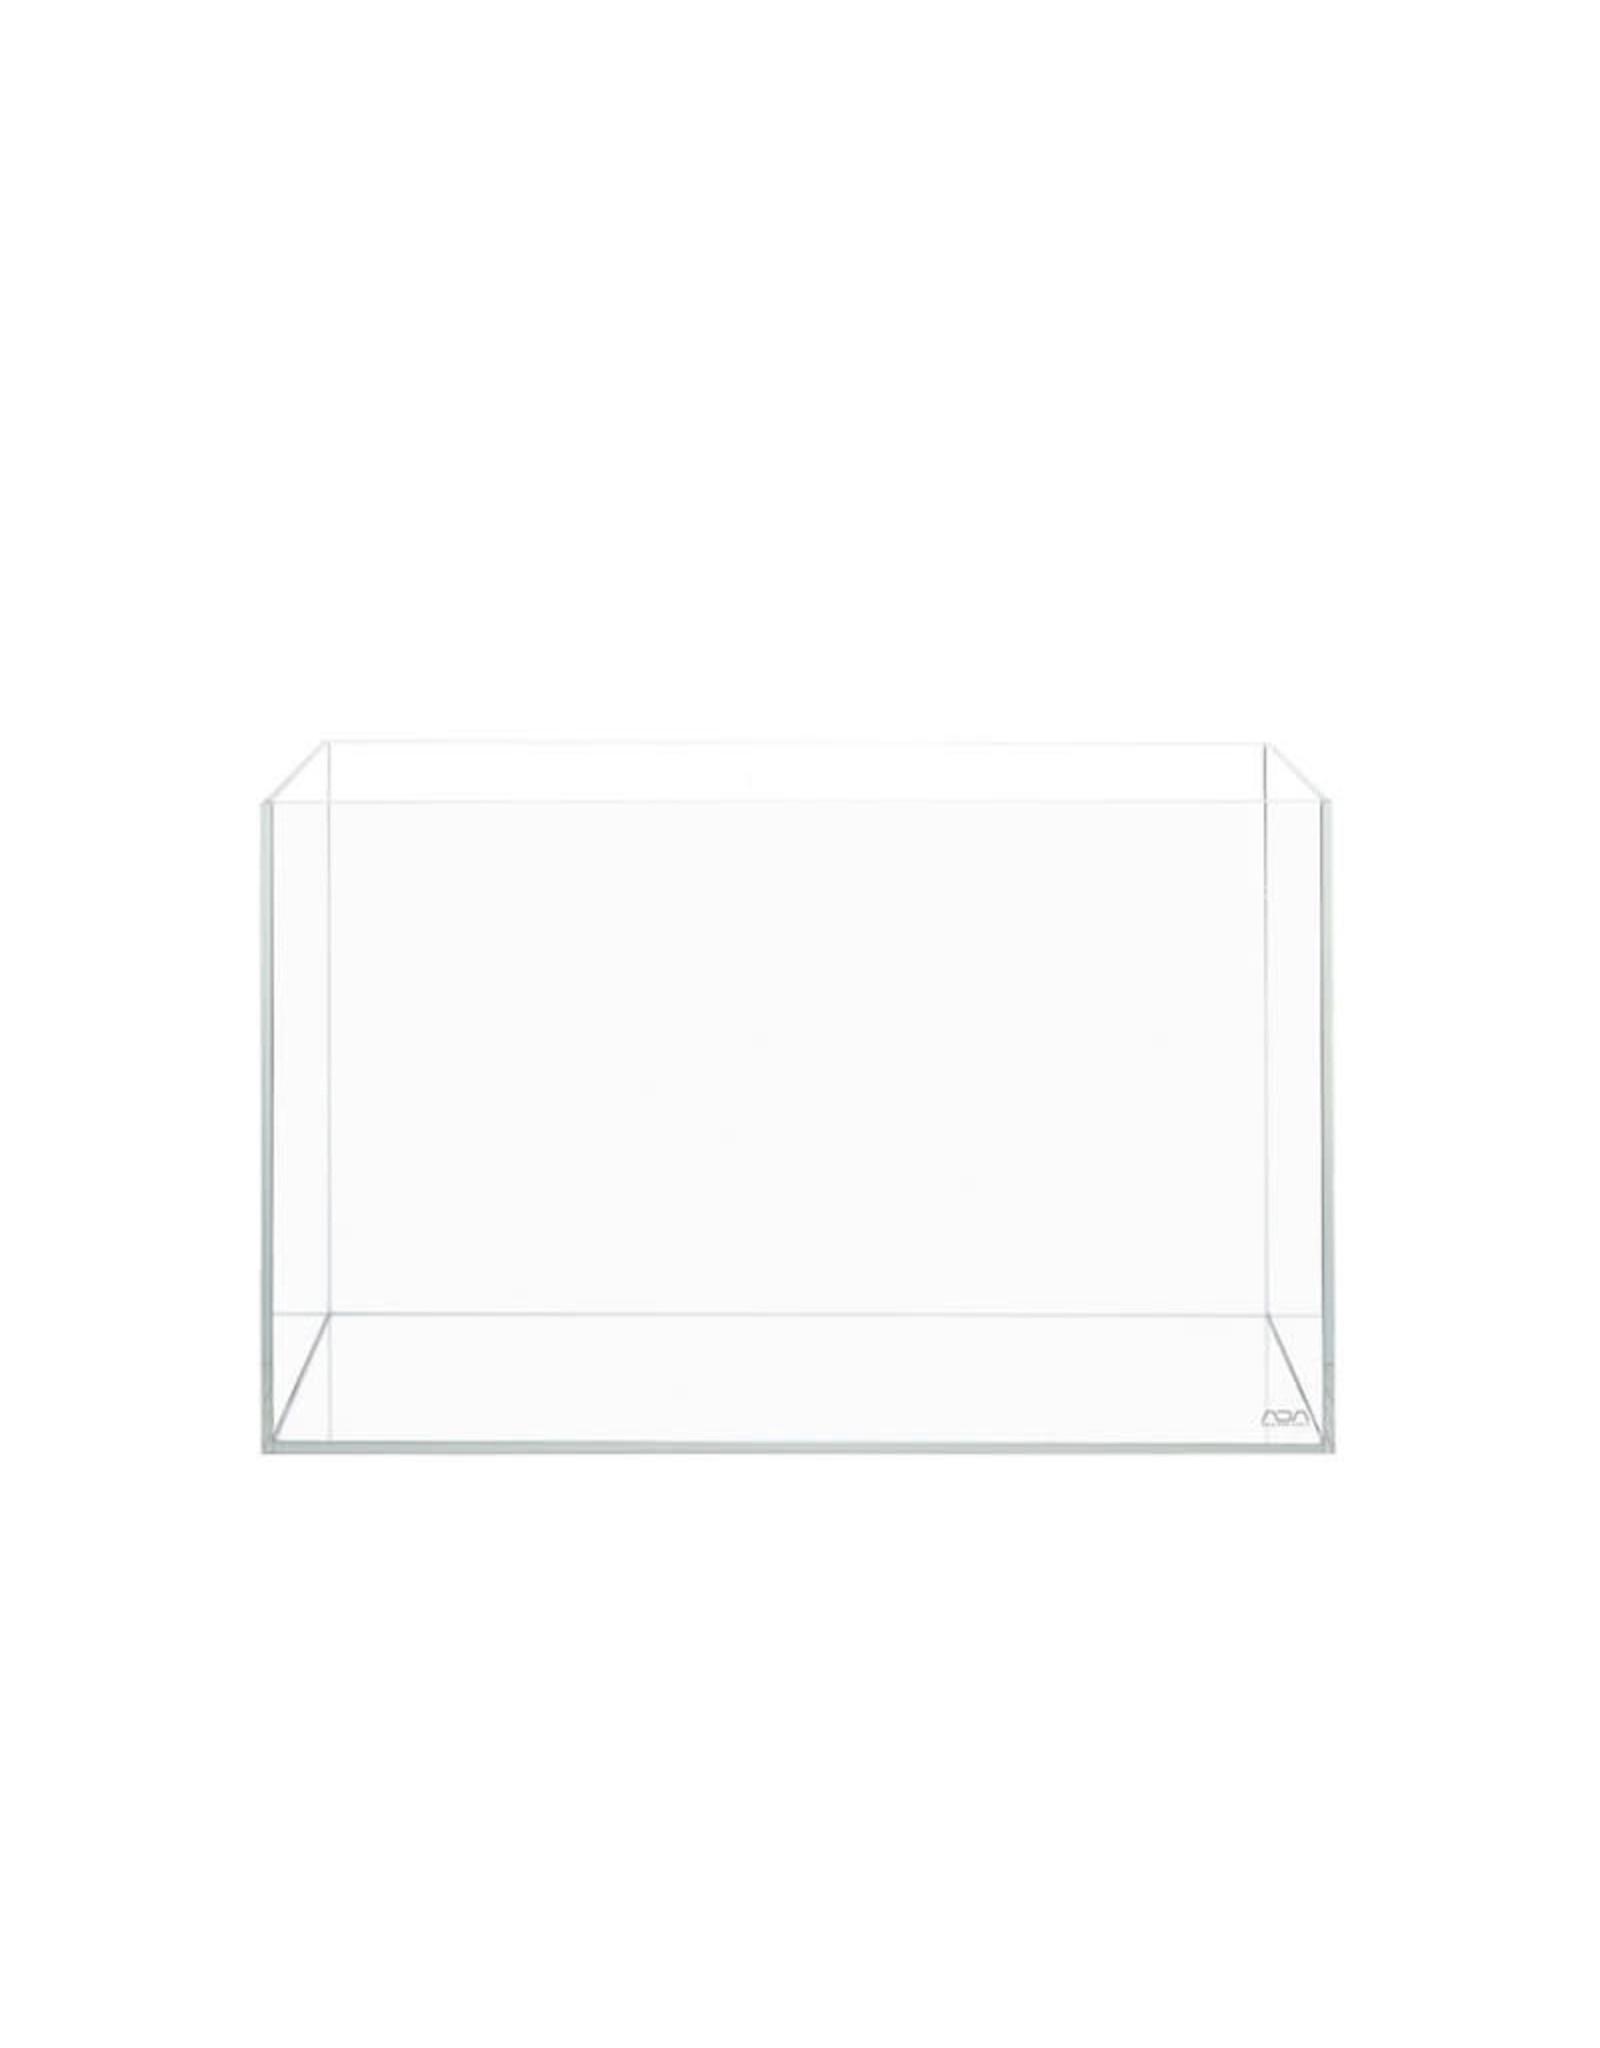 ADA Cube Garden 30-C (30x30x30/5mm) incl. 4 hooks